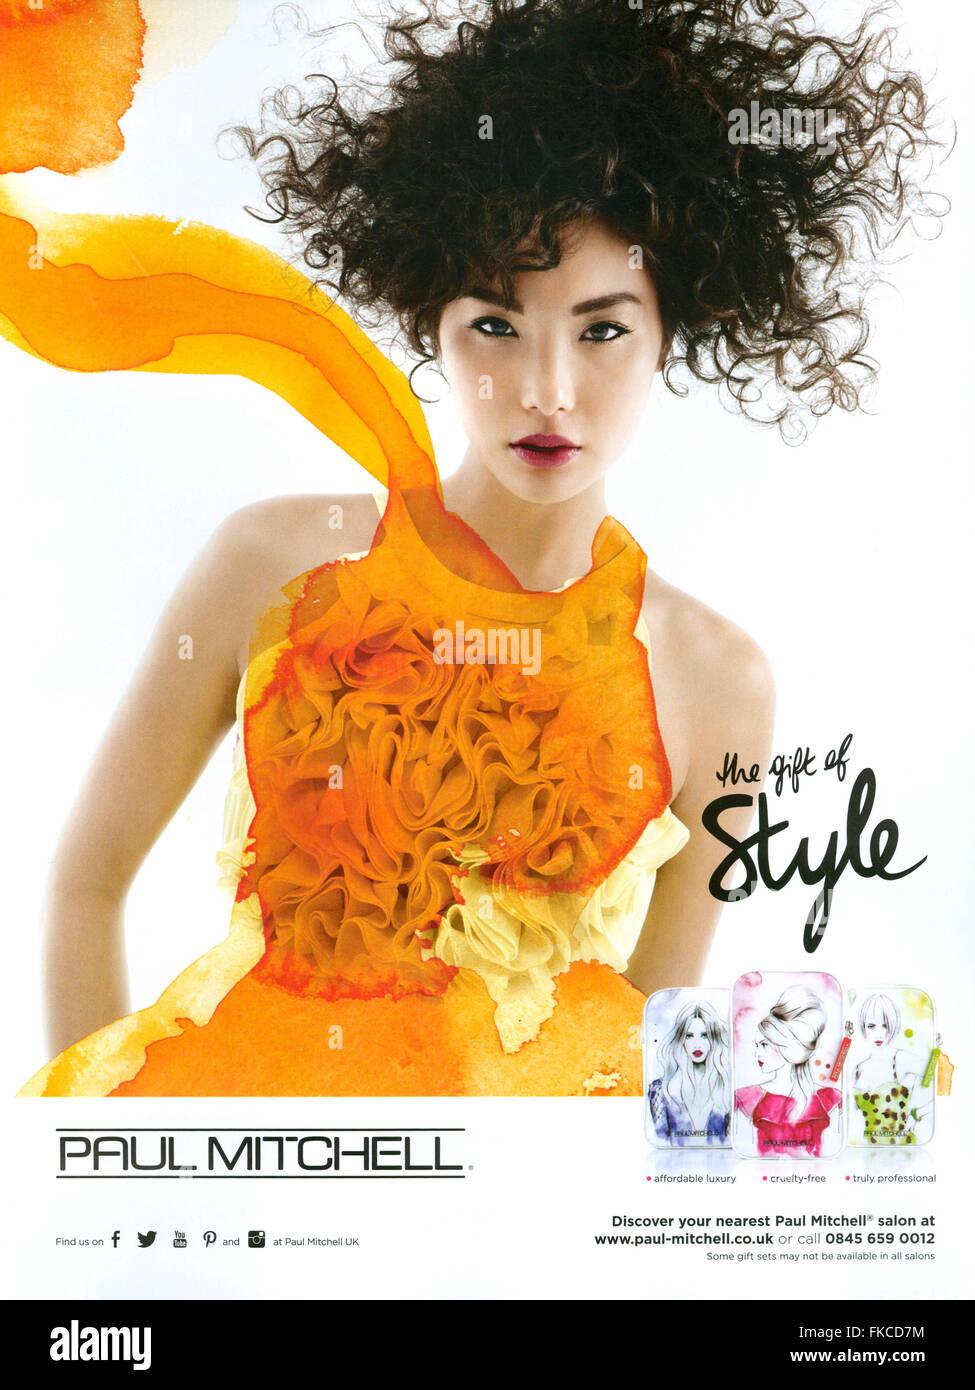 2010S UK Paul Mitchell Magazine annuncio pubblicitario Immagini Stock